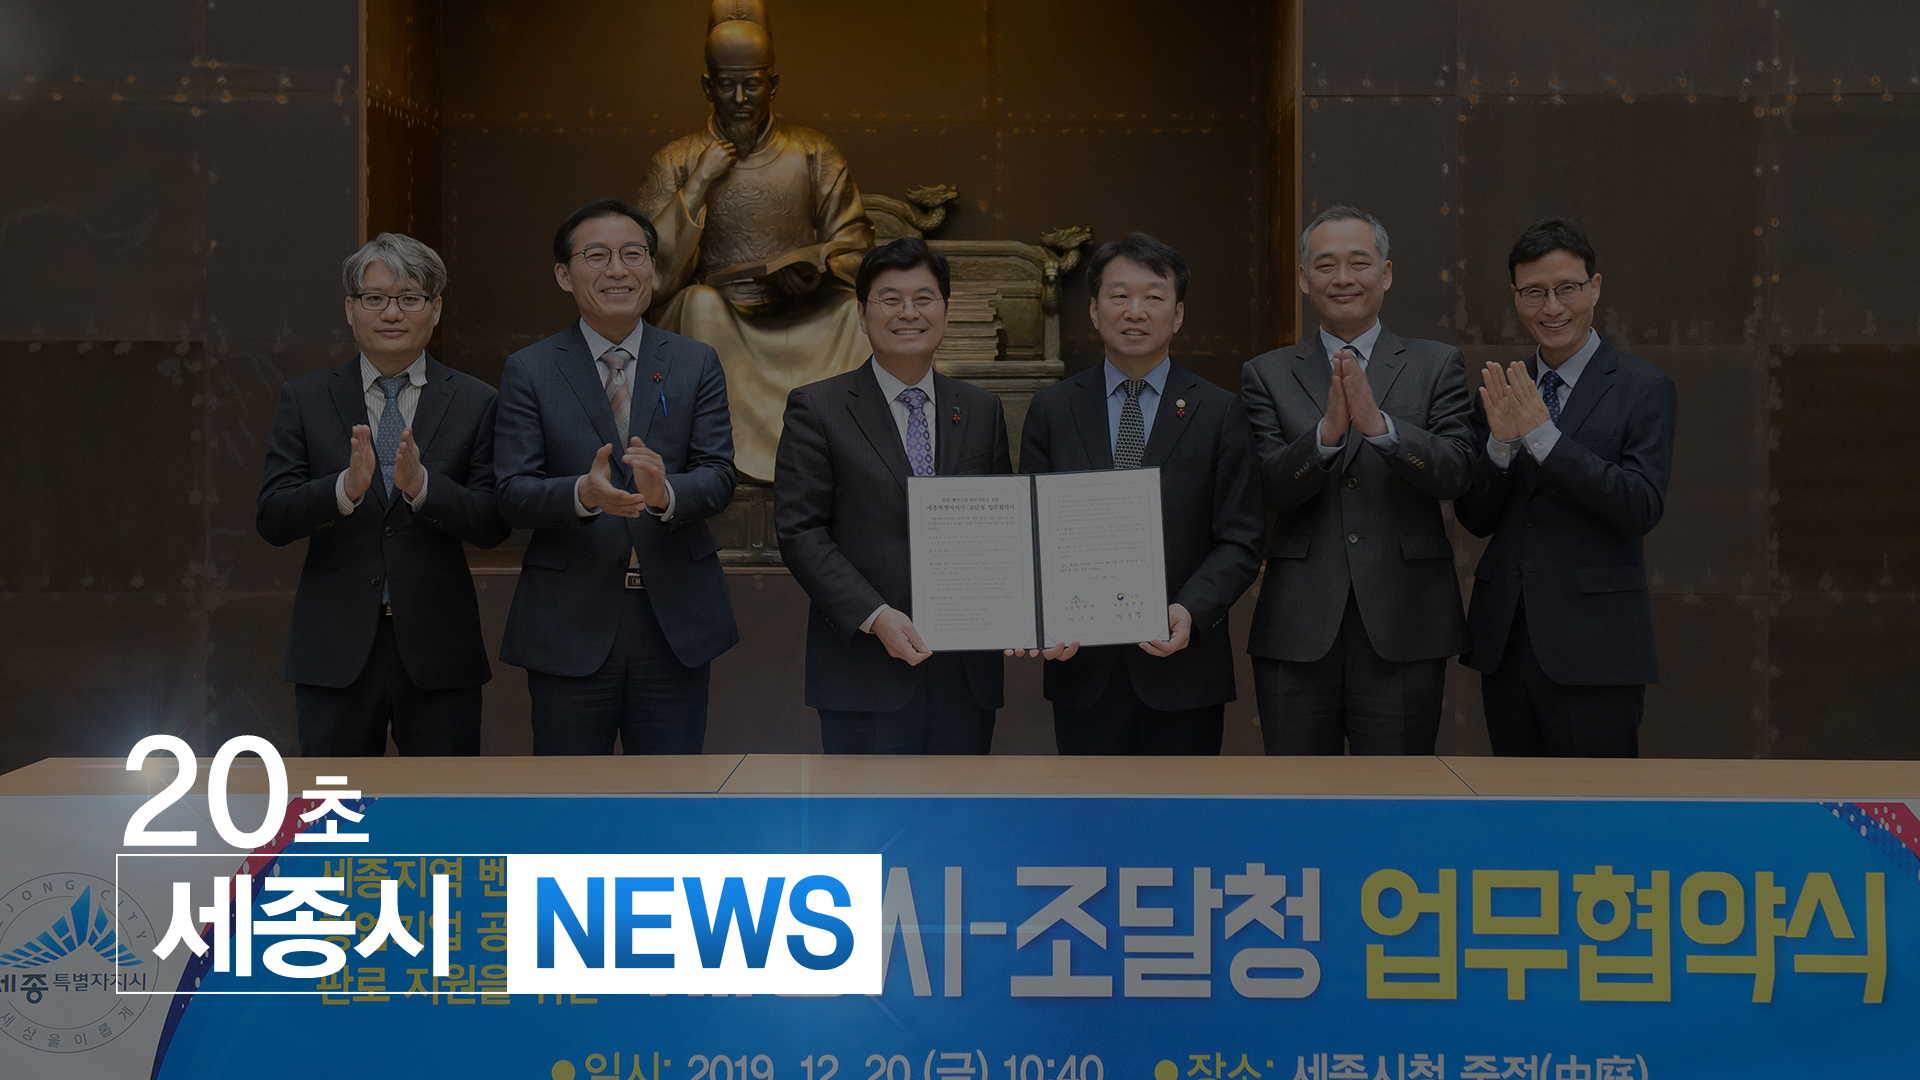 <20초뉴스> 세종시-조달청 벤처나라 업무협약…공공조달 시장 진출 지원